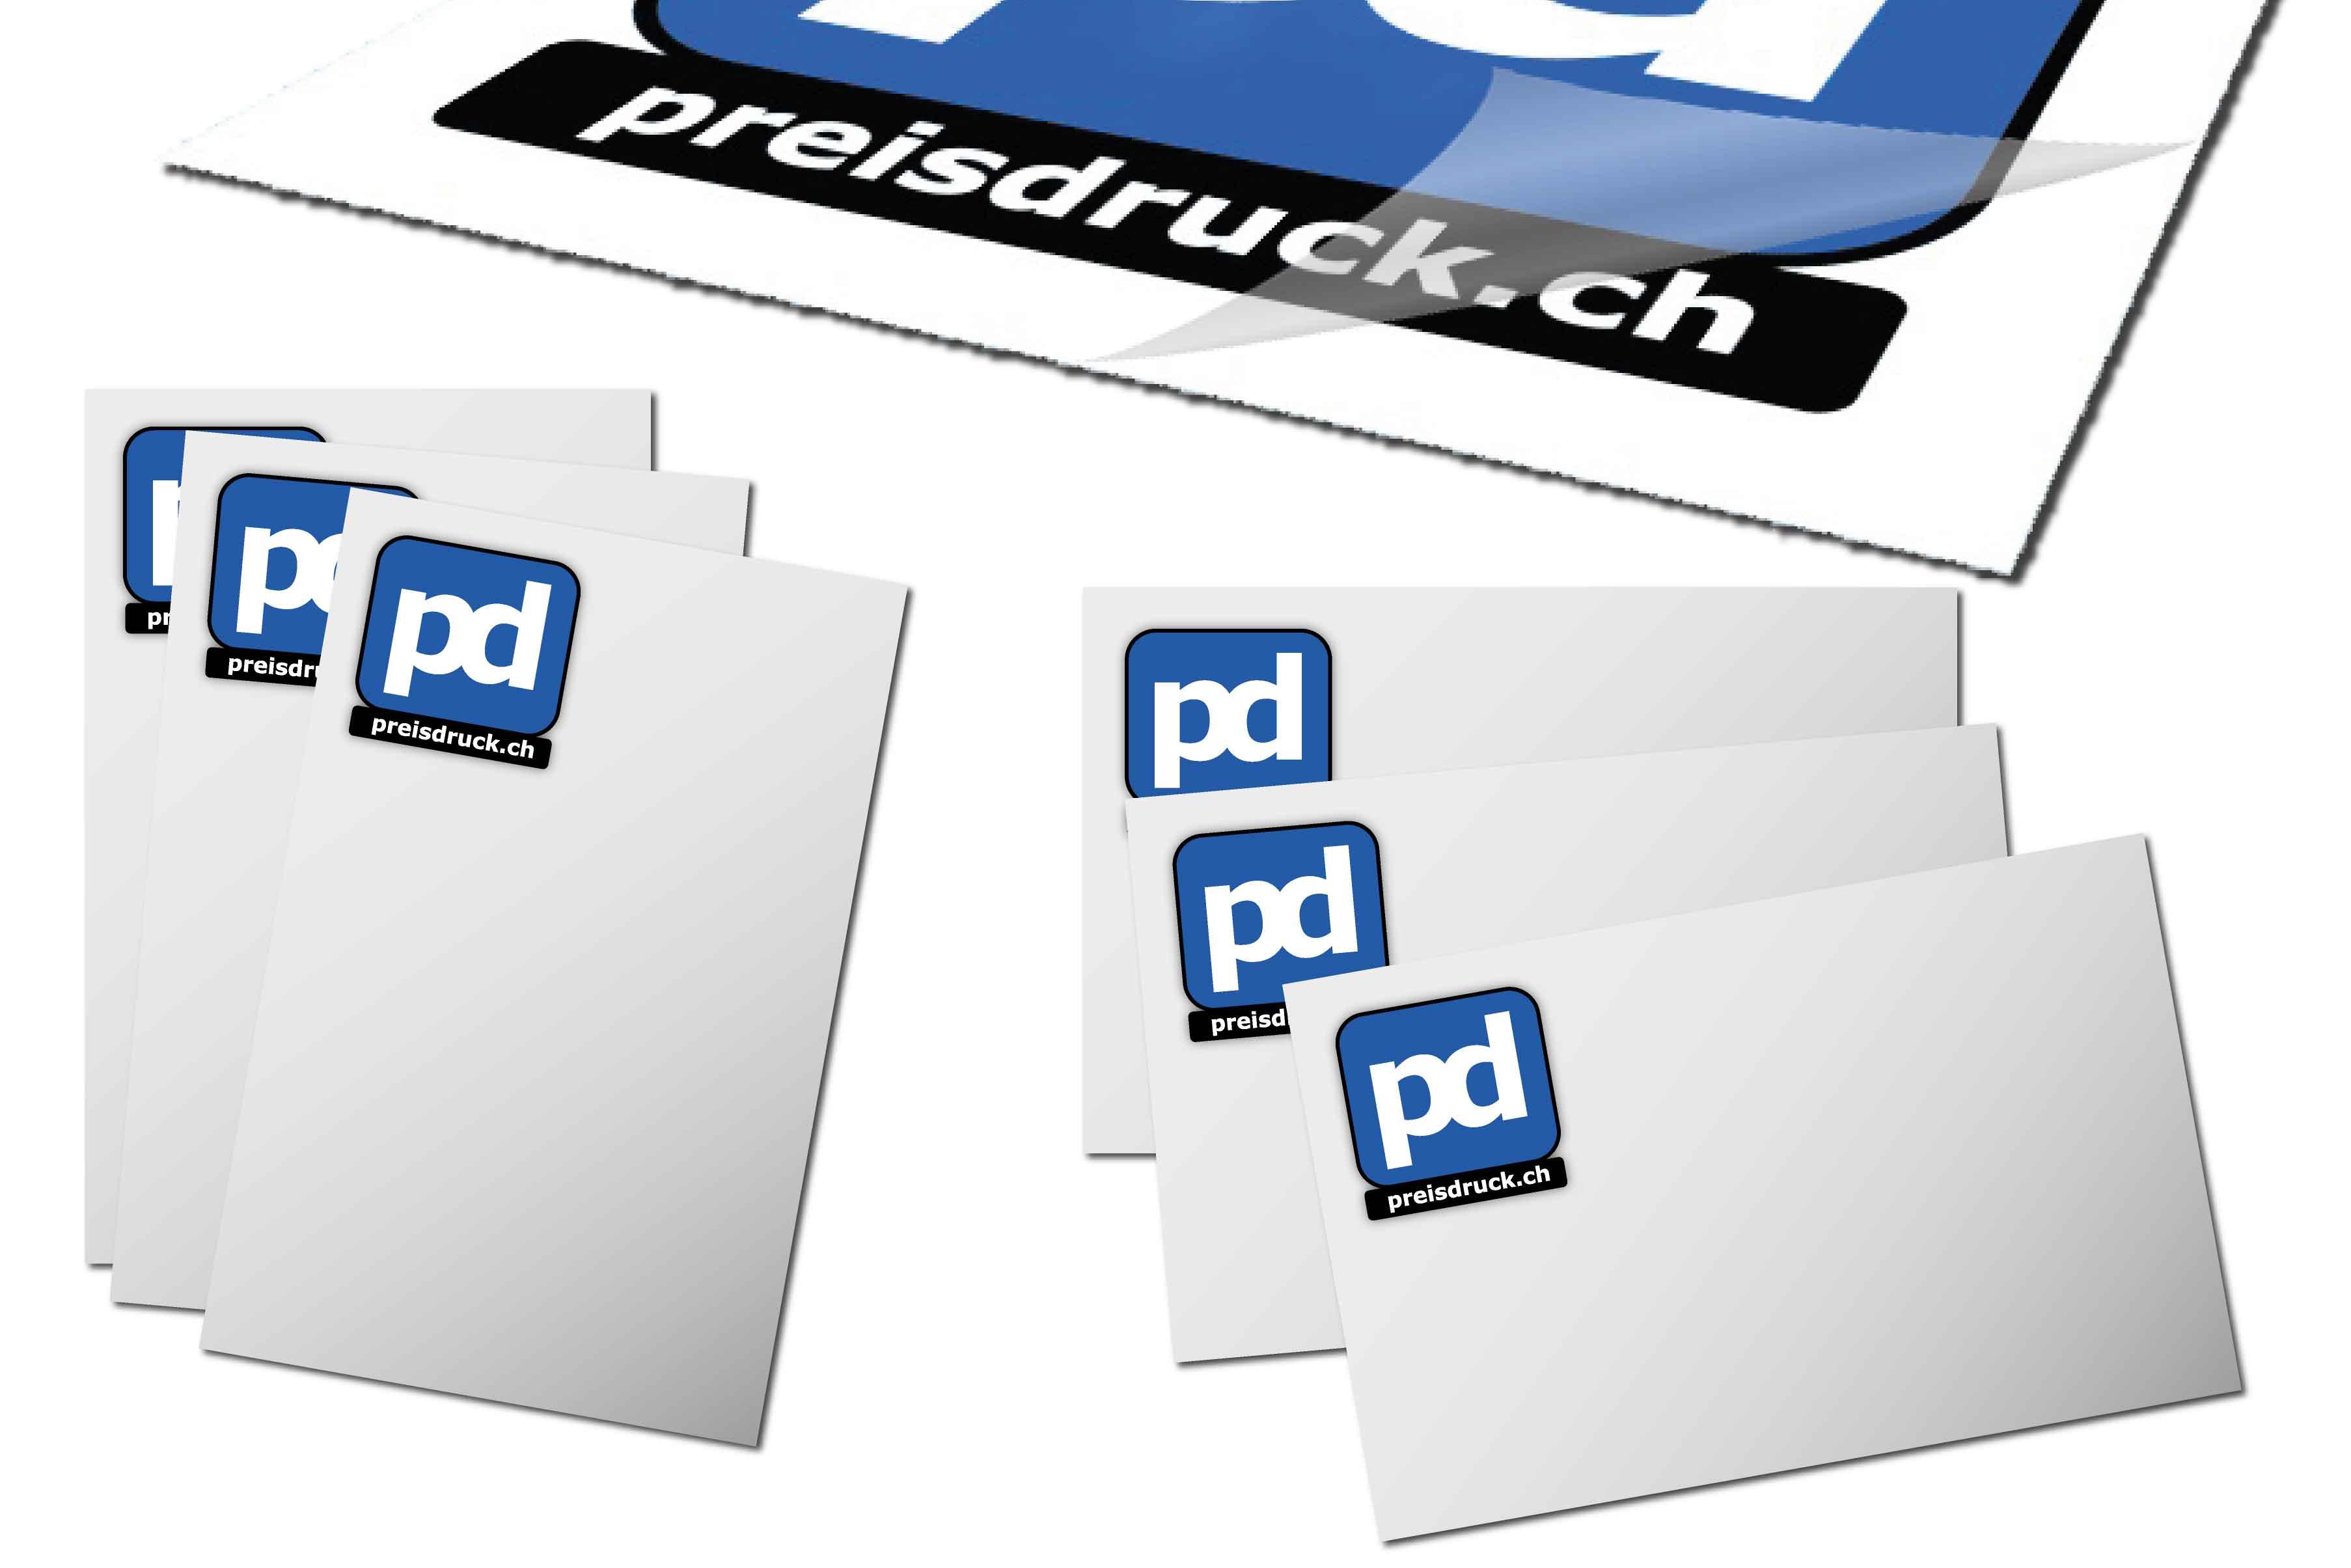 Preisdruck Ch Ihr Zuverlässiger Partner Für Drucksachen